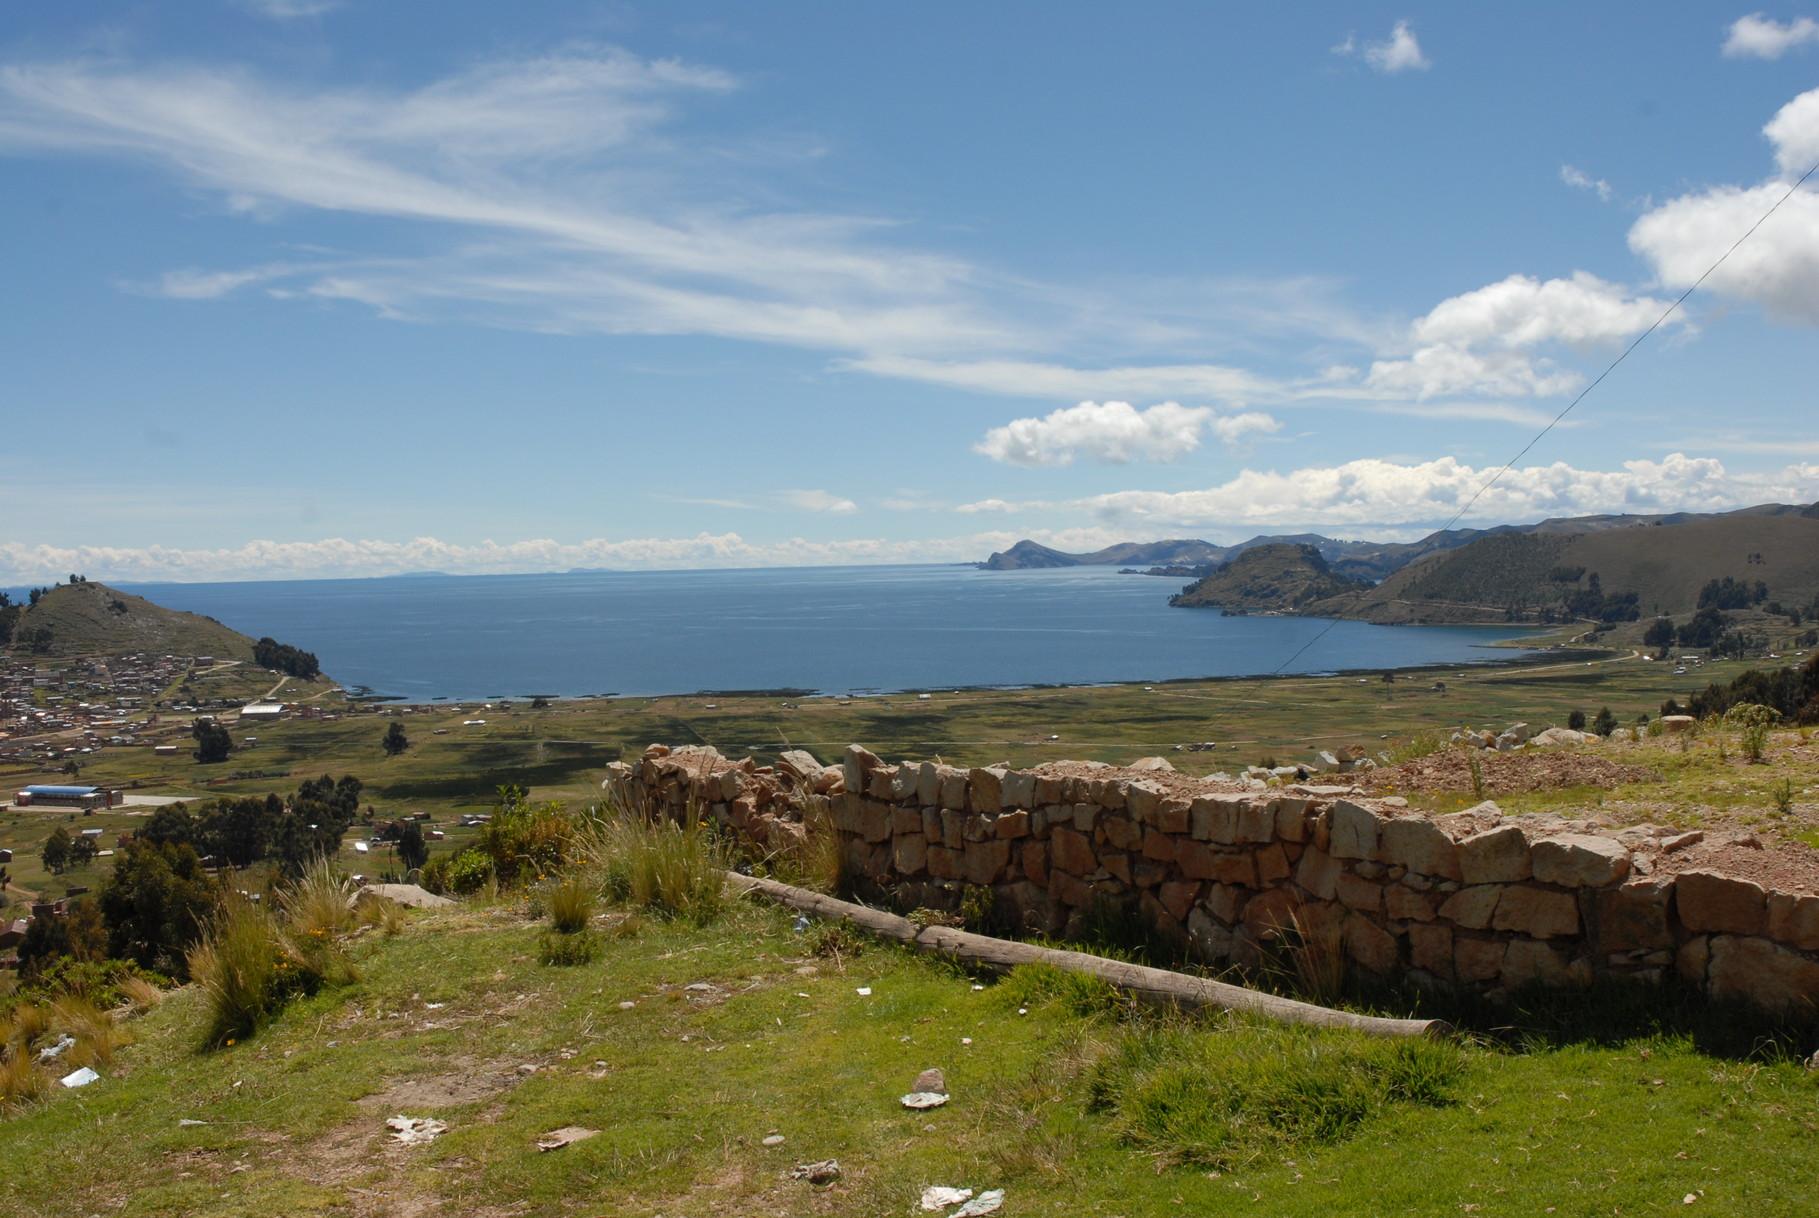 ... bolvianische Seite des Titicacasees